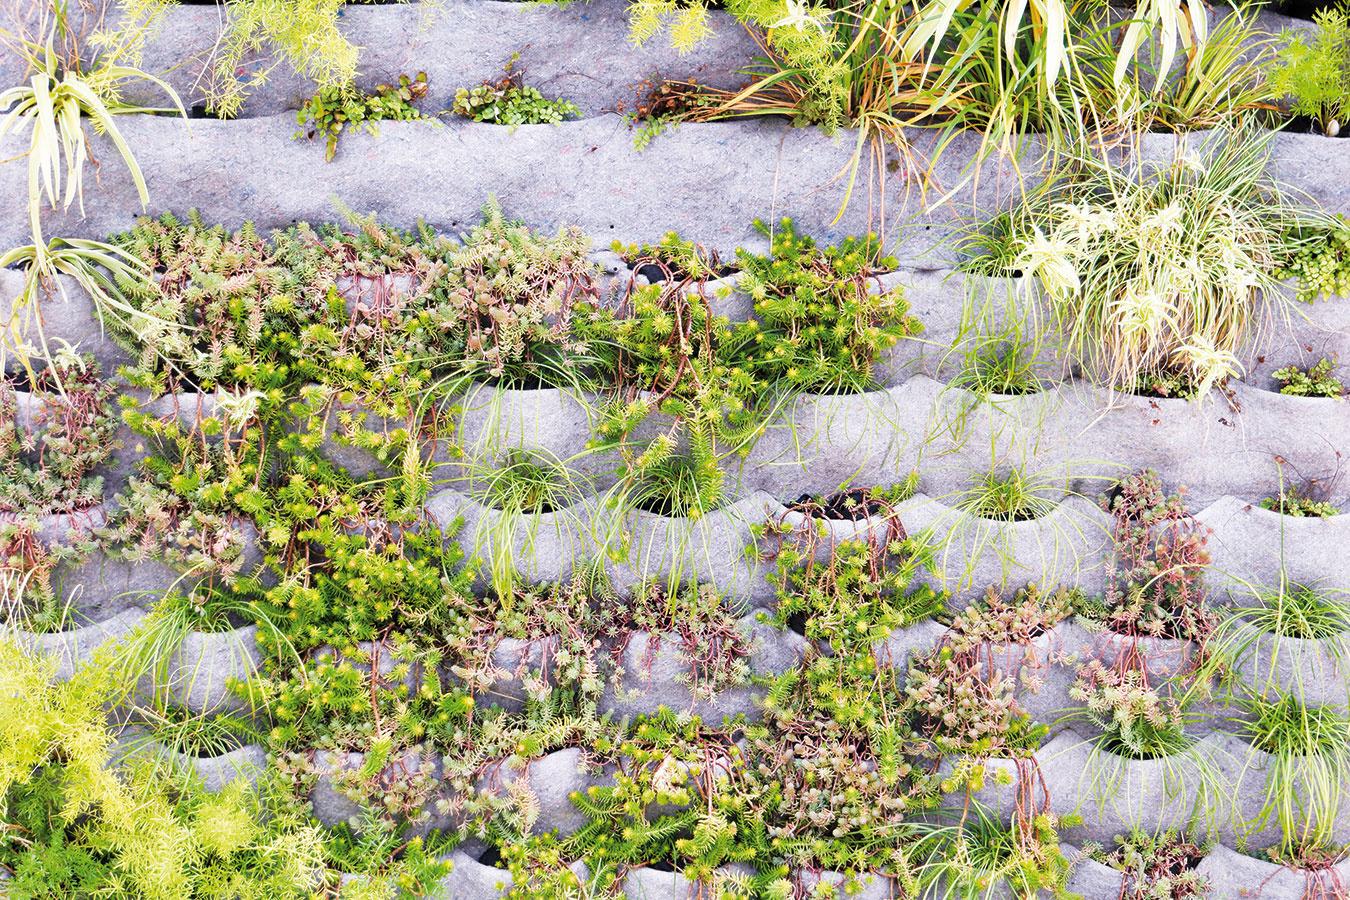 Jednou zmožností vytvorenia vertikálnej výsadby vexteriéri je využitie špeciálnej plsti, do ktorej sa vysádzajú jednotlivé rastliny.